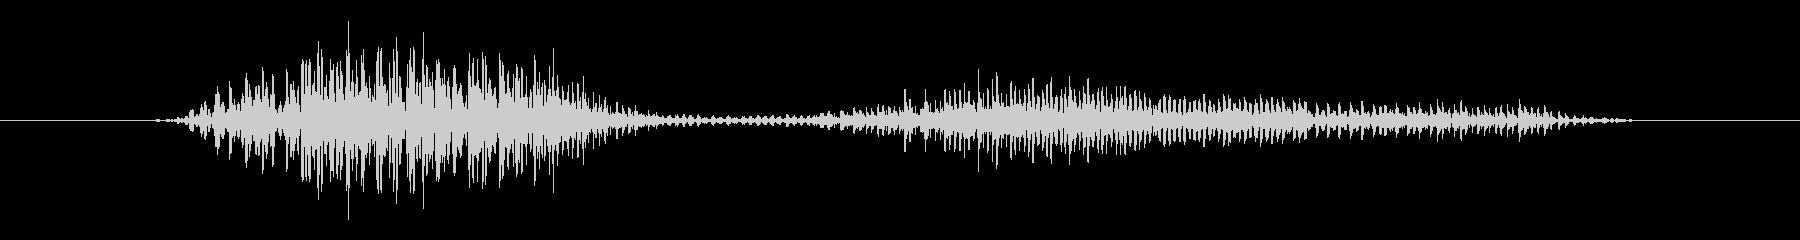 鳥 バードレイヴン06の未再生の波形